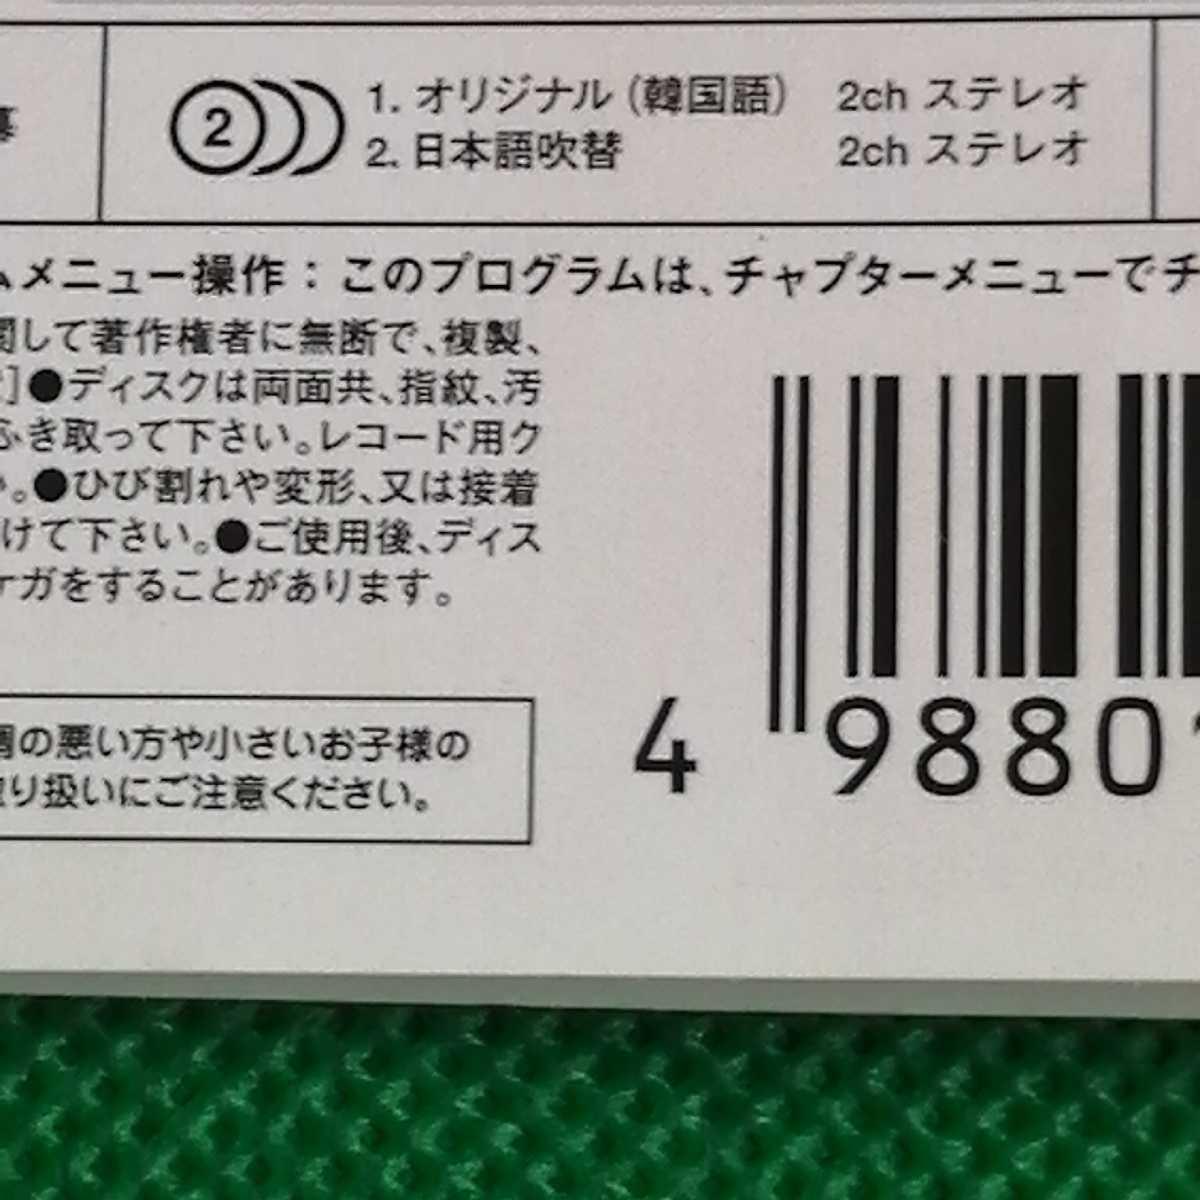 私も花(韓国ドラマ)全話 DVD8枚 音声日本語吹替あり レンタル落ち 送料無料